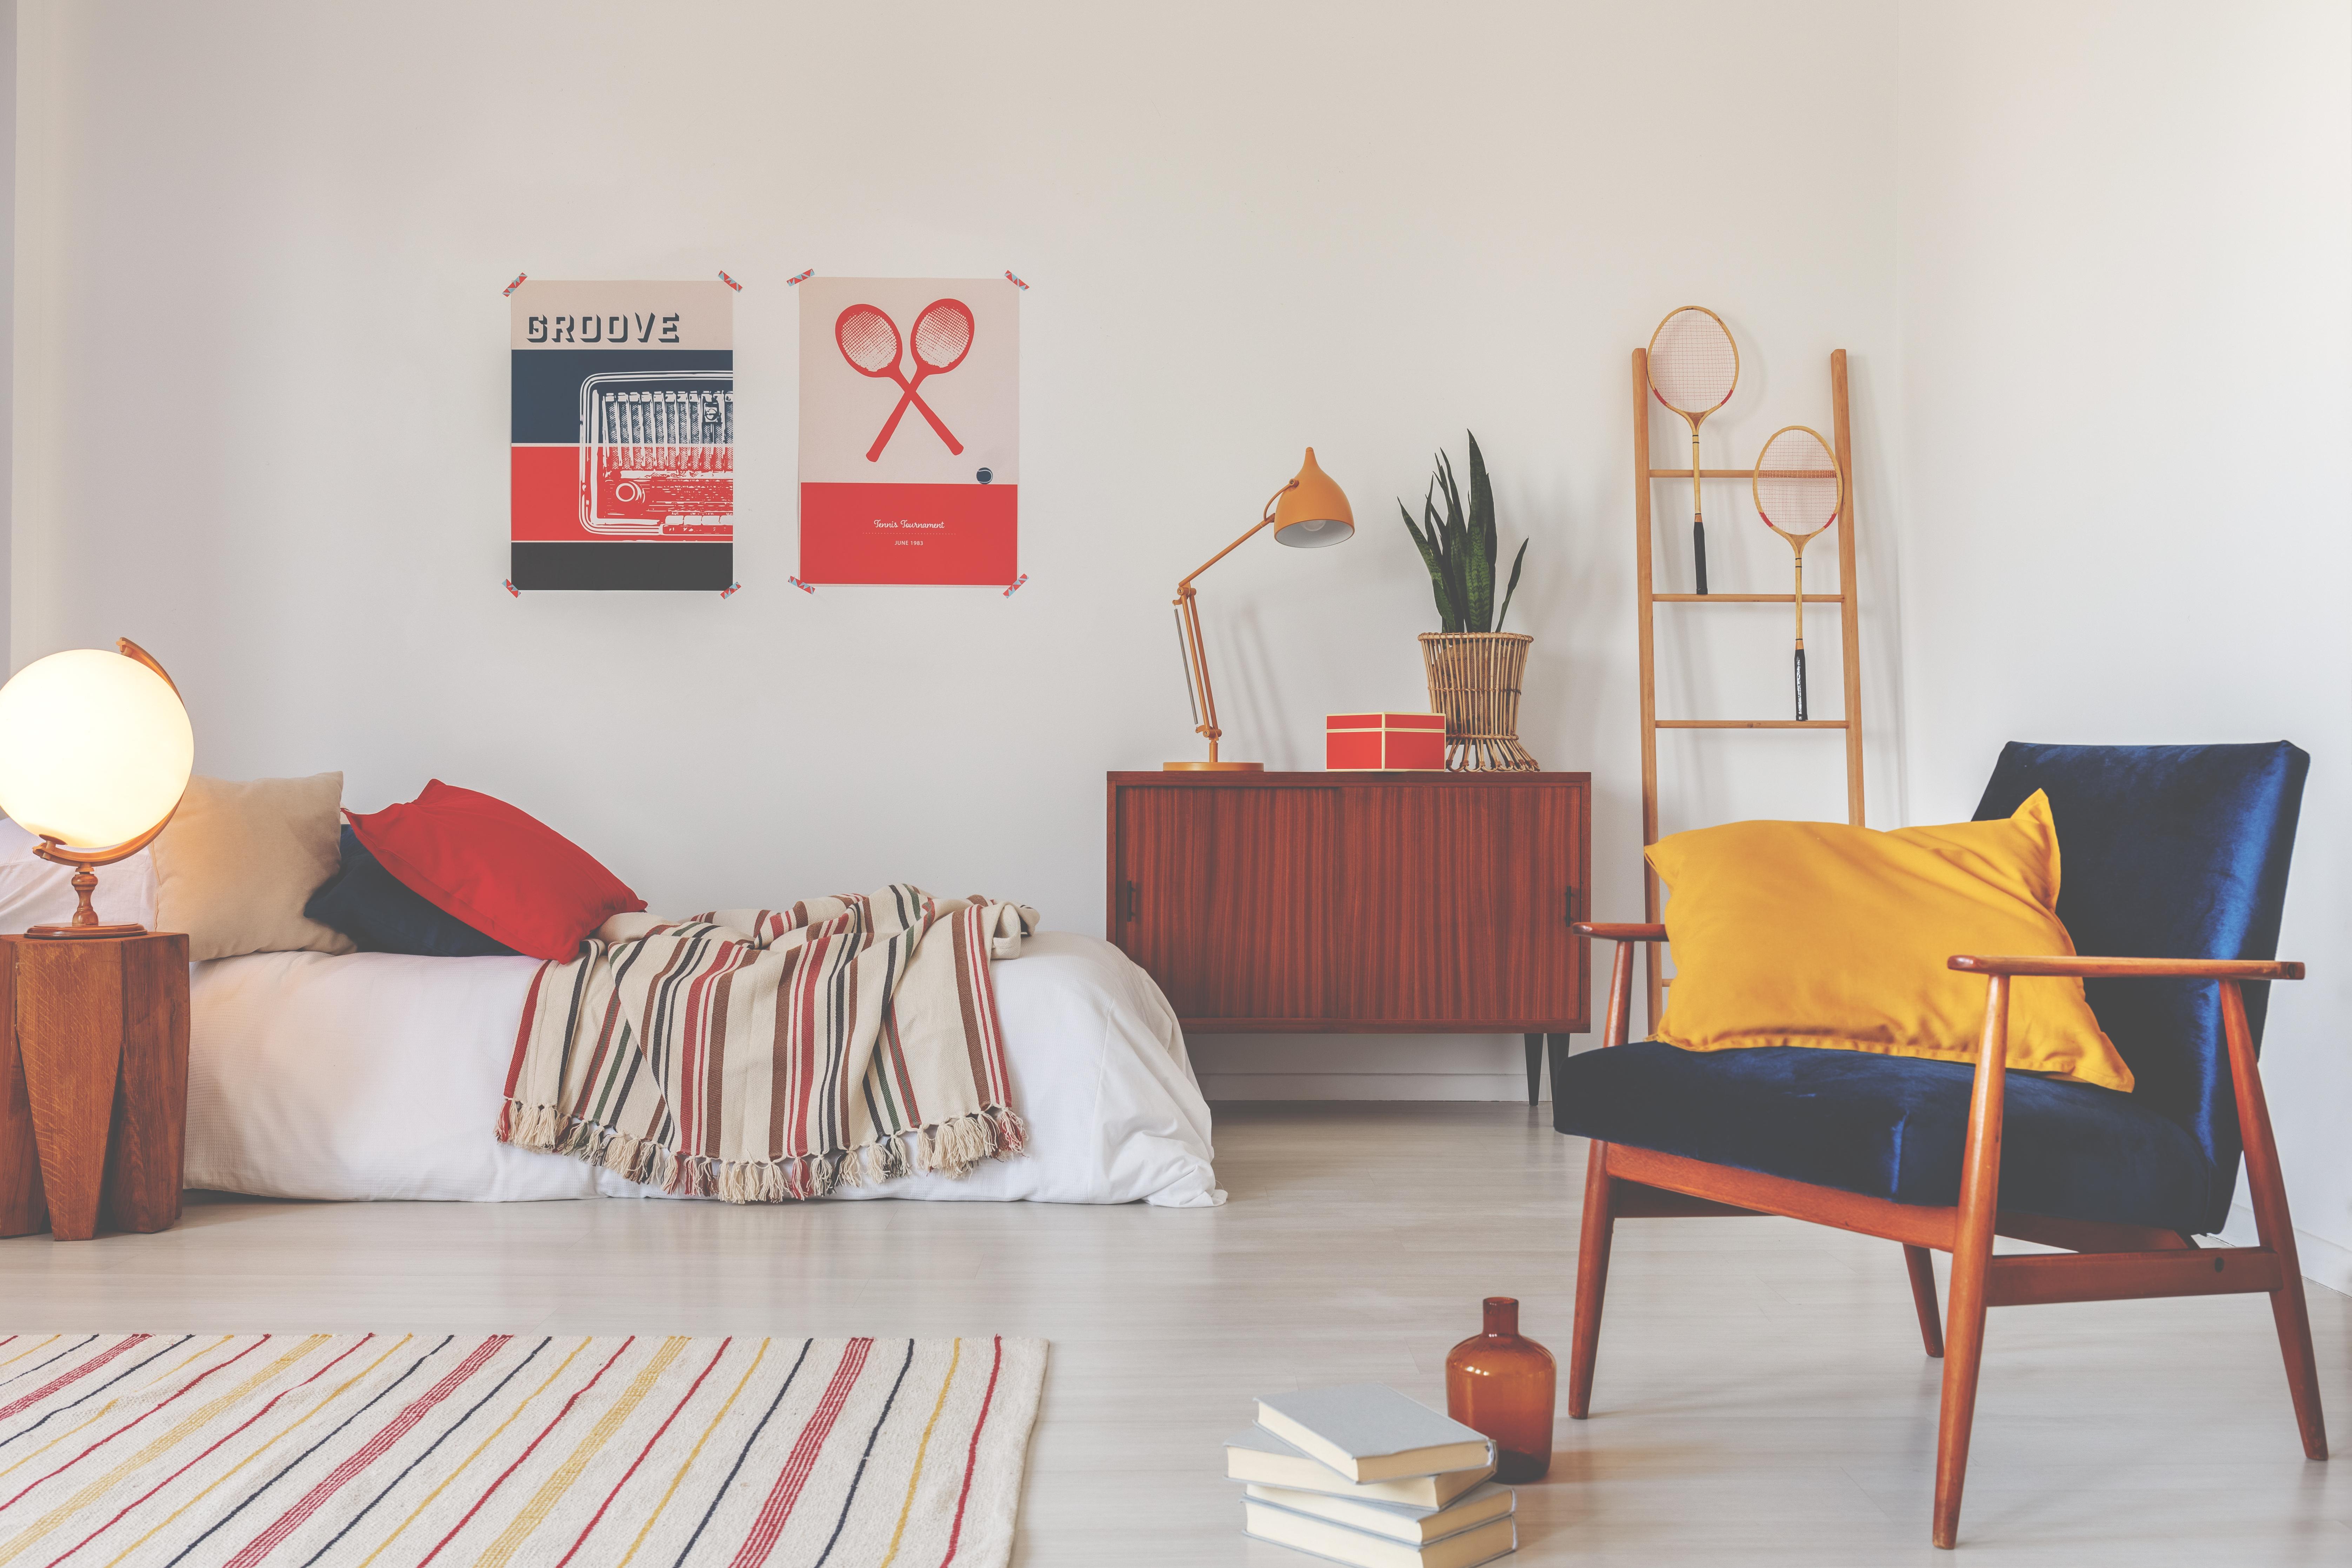 <p>Раздвижете интериора в стаята с интересни плакати, постери или картини. Има много снимки, които може да използвате и да направите собствен арт проект, в който да включите детето ви. Така в стаята му ще има нещо интересен, но и с&nbsp;оригинално.</p>